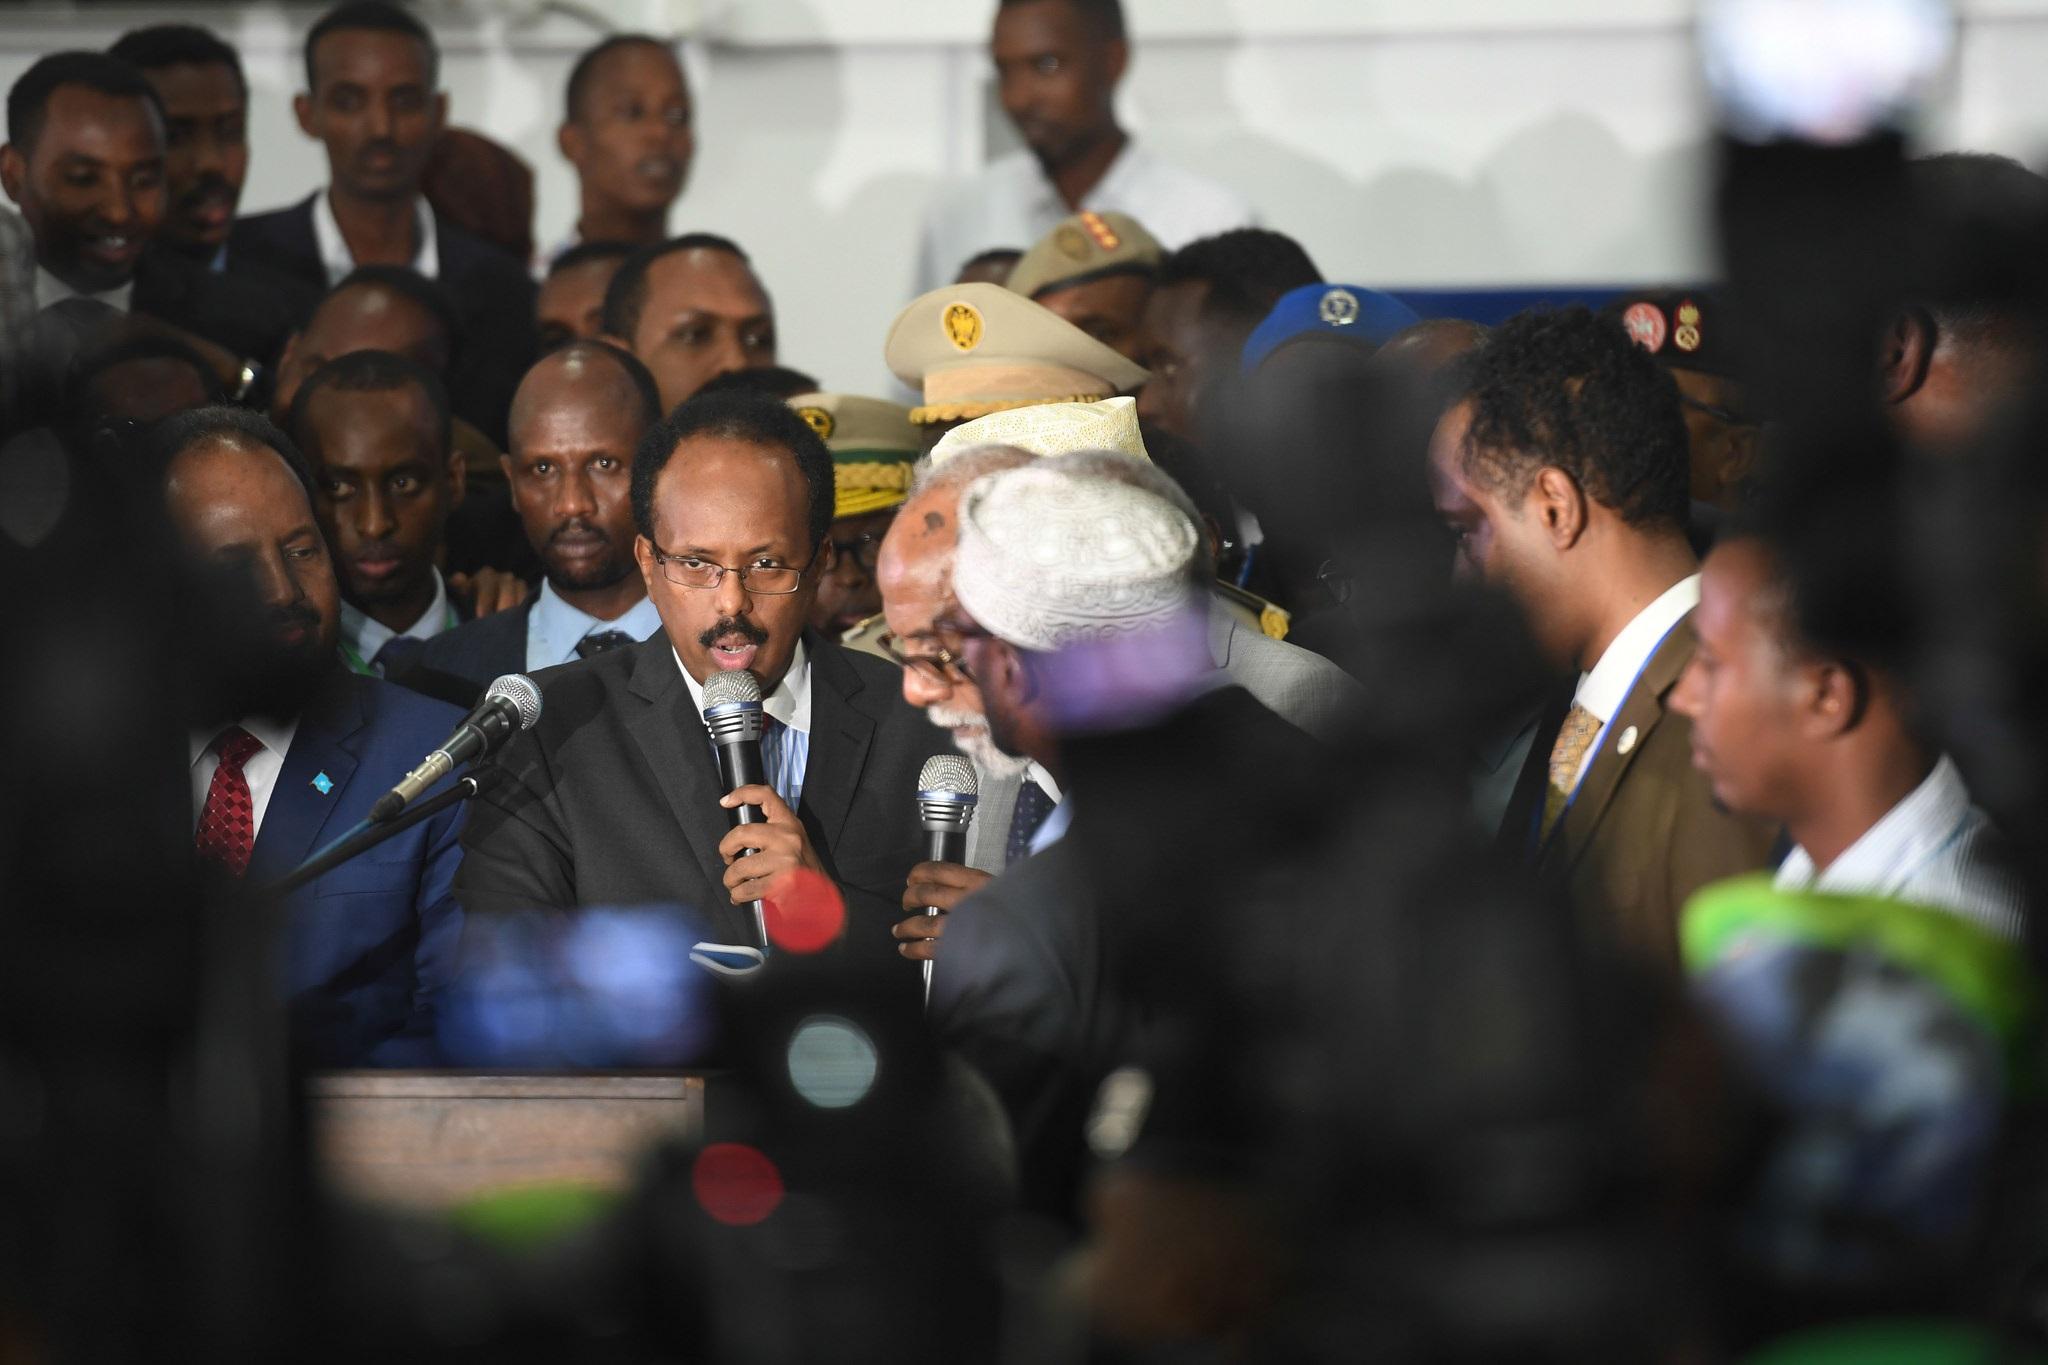 Somalia President Mohamed Abdullahi Farmajo